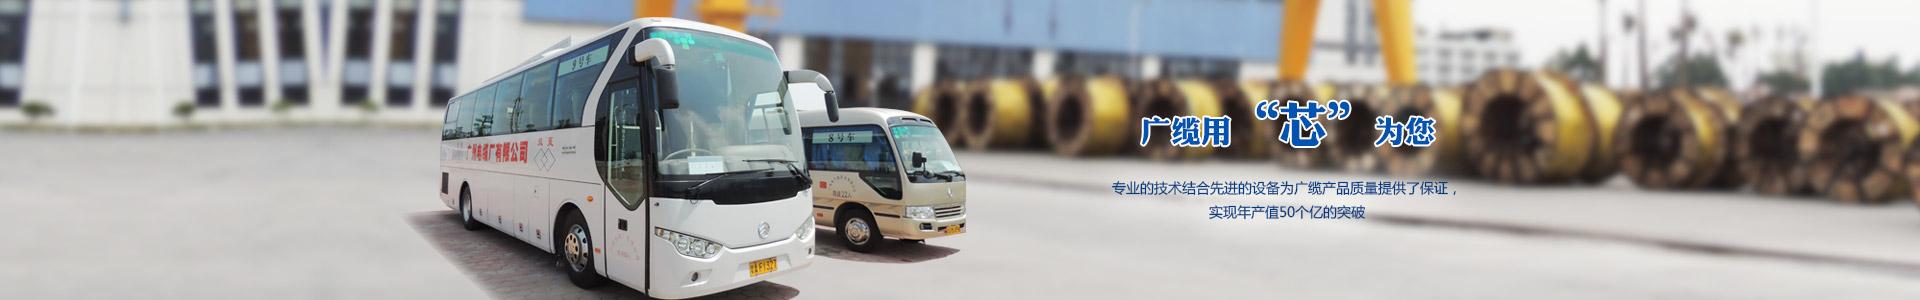 廣州電纜廠公司